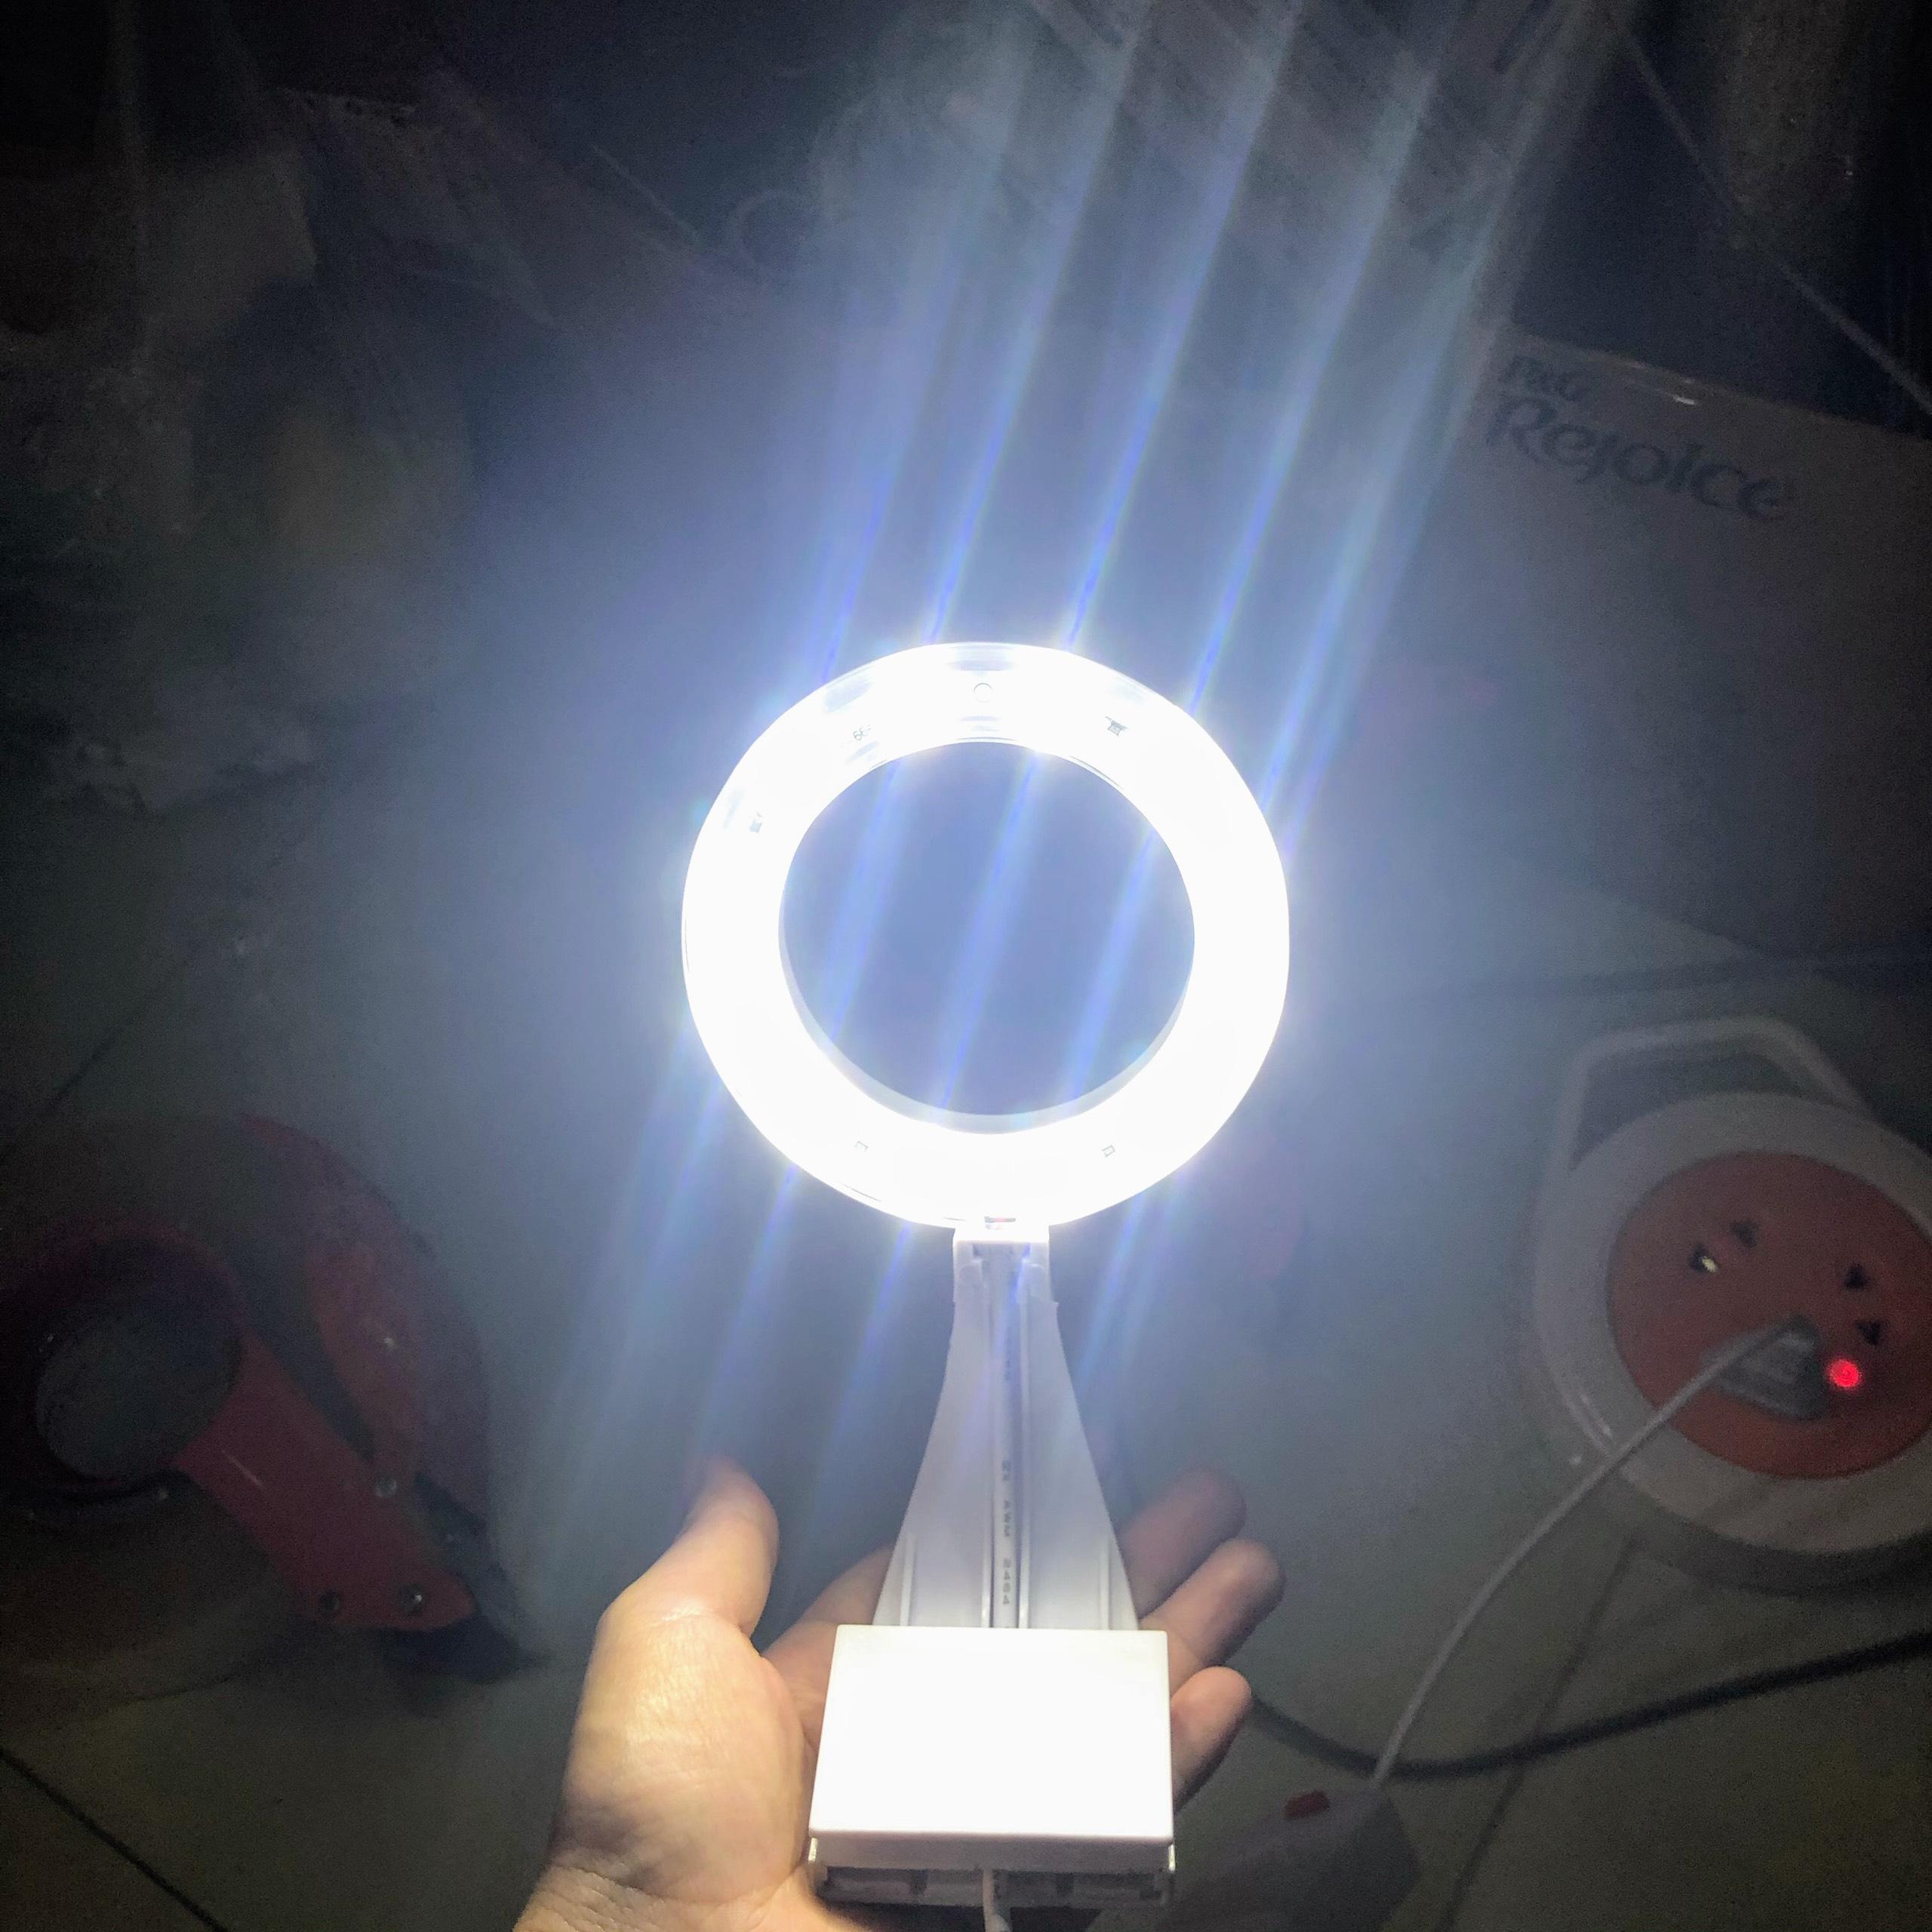 Đèn kẹp tròn ánh sáng trắng dành cho hồ cá, hồ thuỷ sinh mini